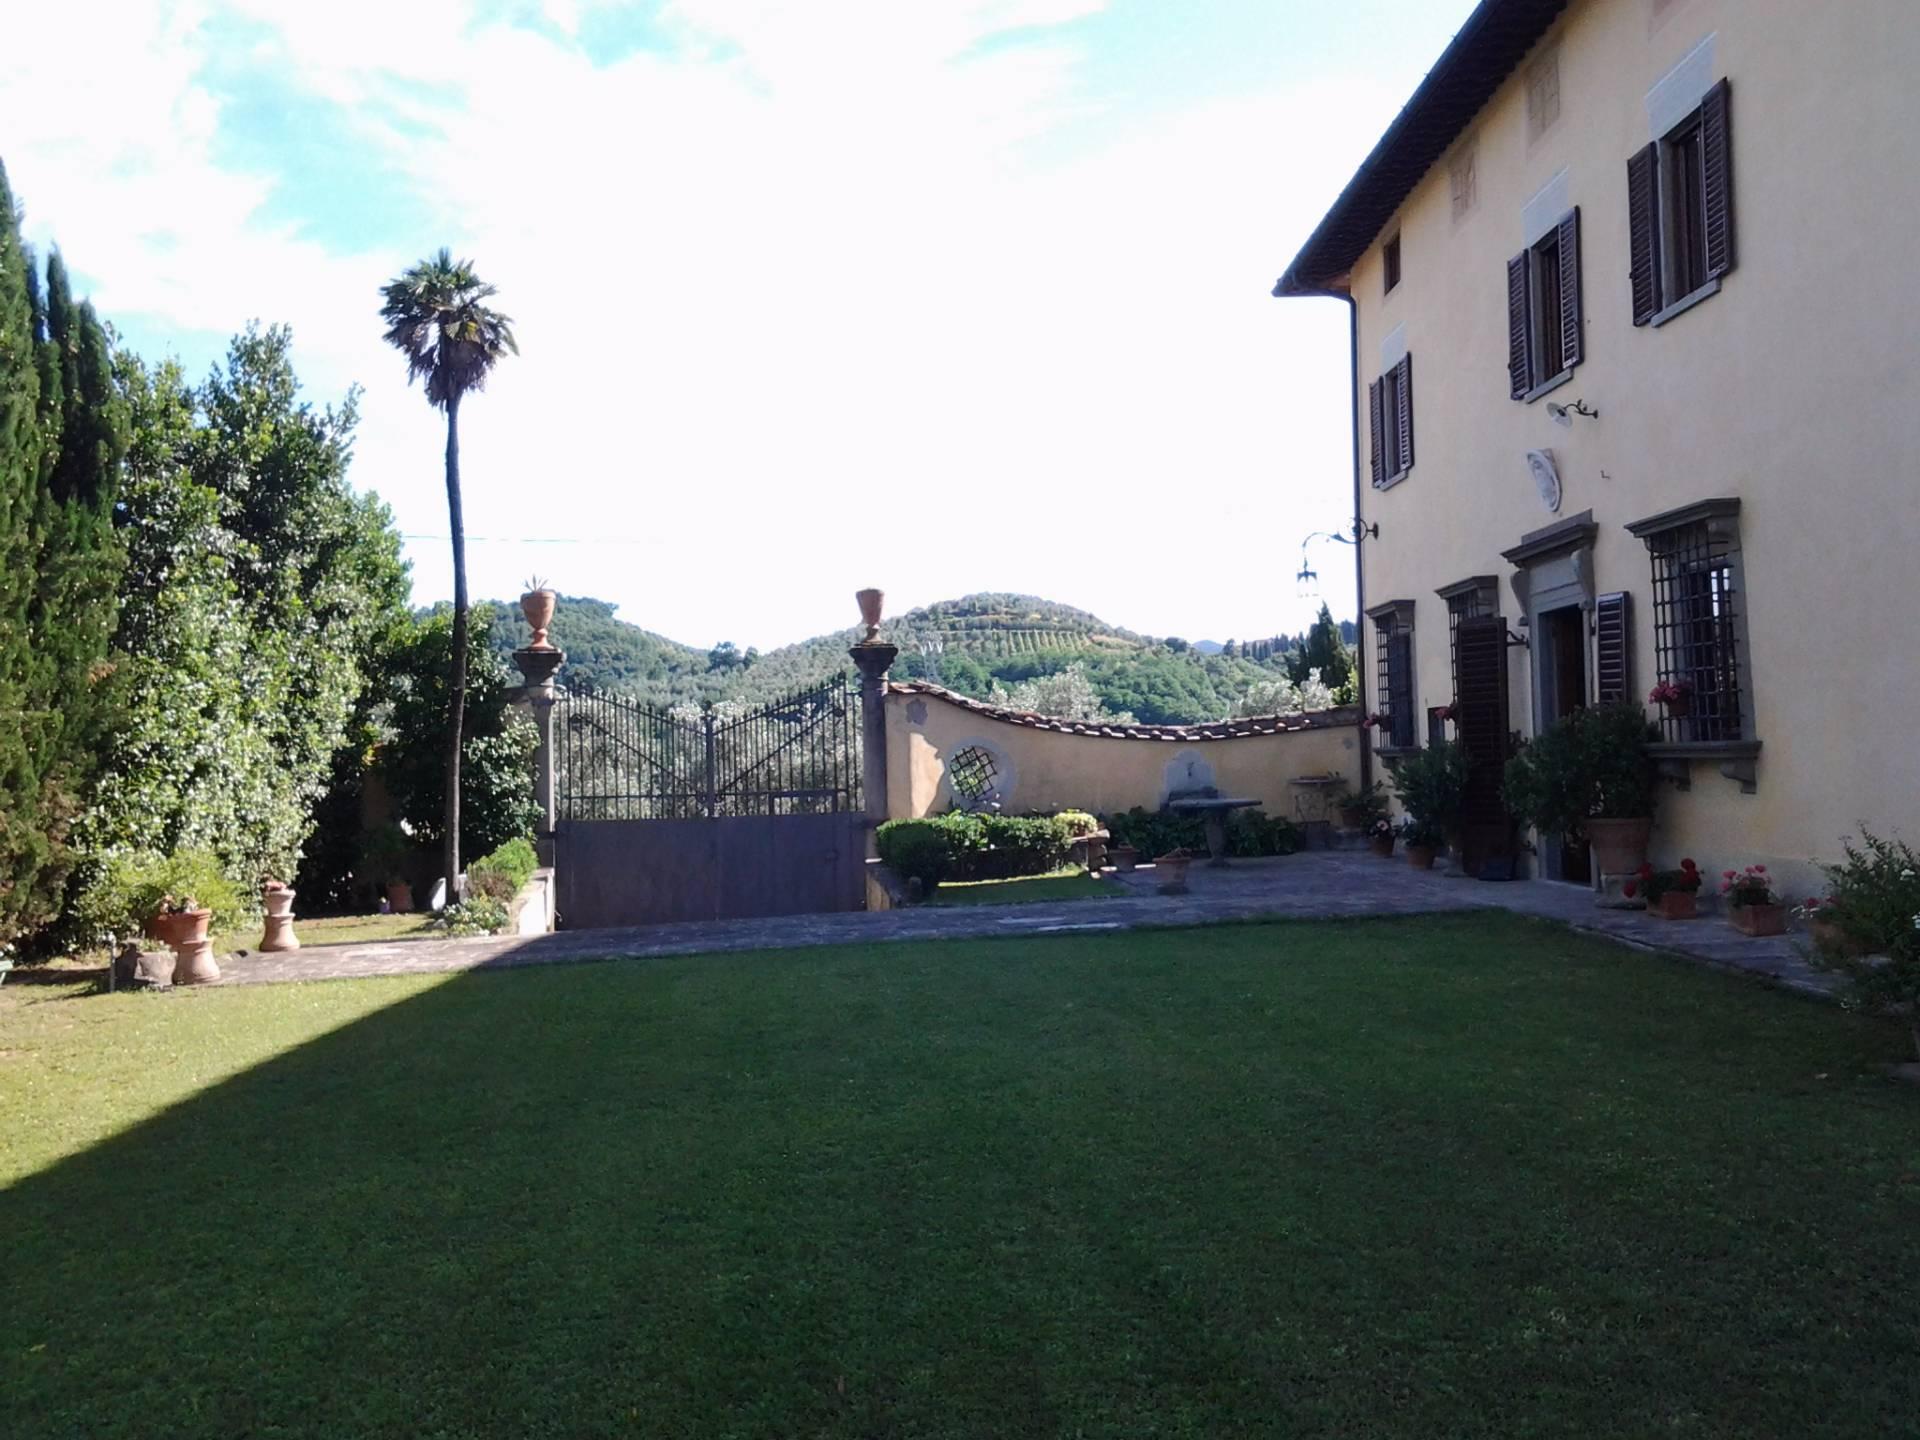 Villa in vendita a Poggio a Caiano, 20 locali, prezzo € 2.100.000 | Cambio Casa.it